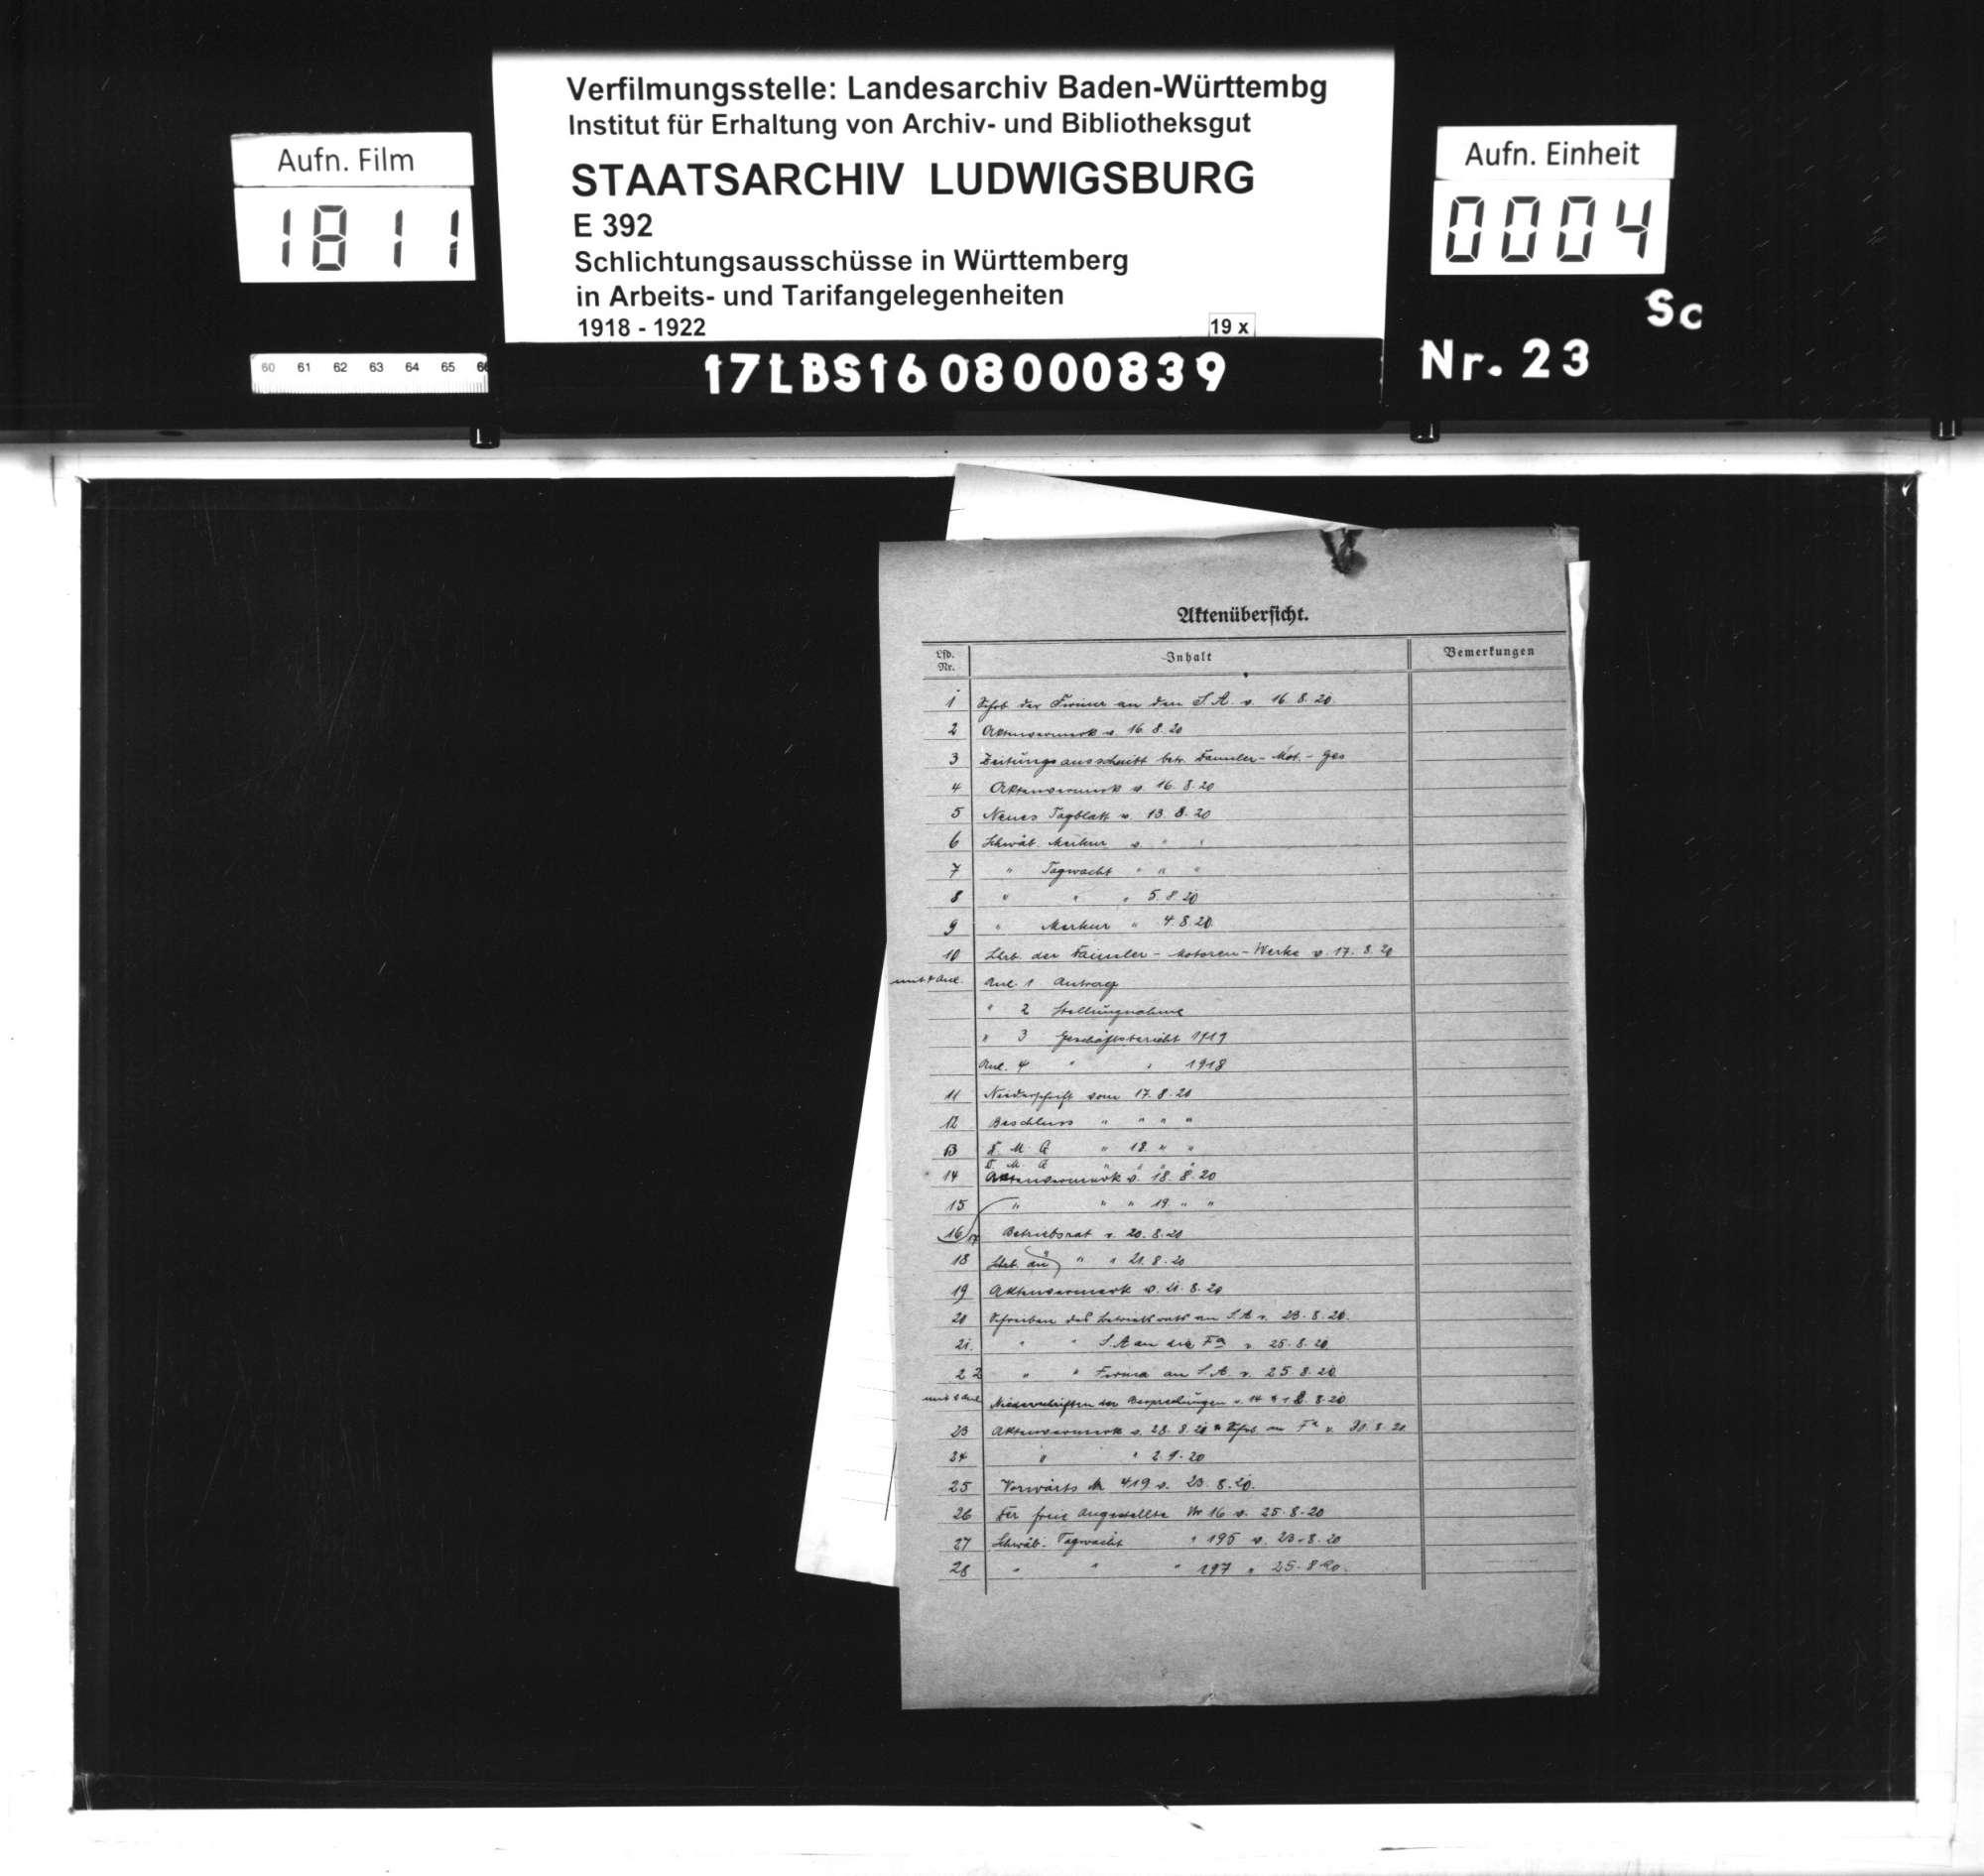 Arbeitsstreitigkeiten zwischen Direktion und Belegschaft der Firma Daimler-Motoren-Gesellschaft zu Untertürkheim wegen beabsichtigter Betriebsein schränkung durch Entlassungen und Wochenarbeitszeitverkürzung sowie schließlicher Stillegung des Betriebes, Bild 2